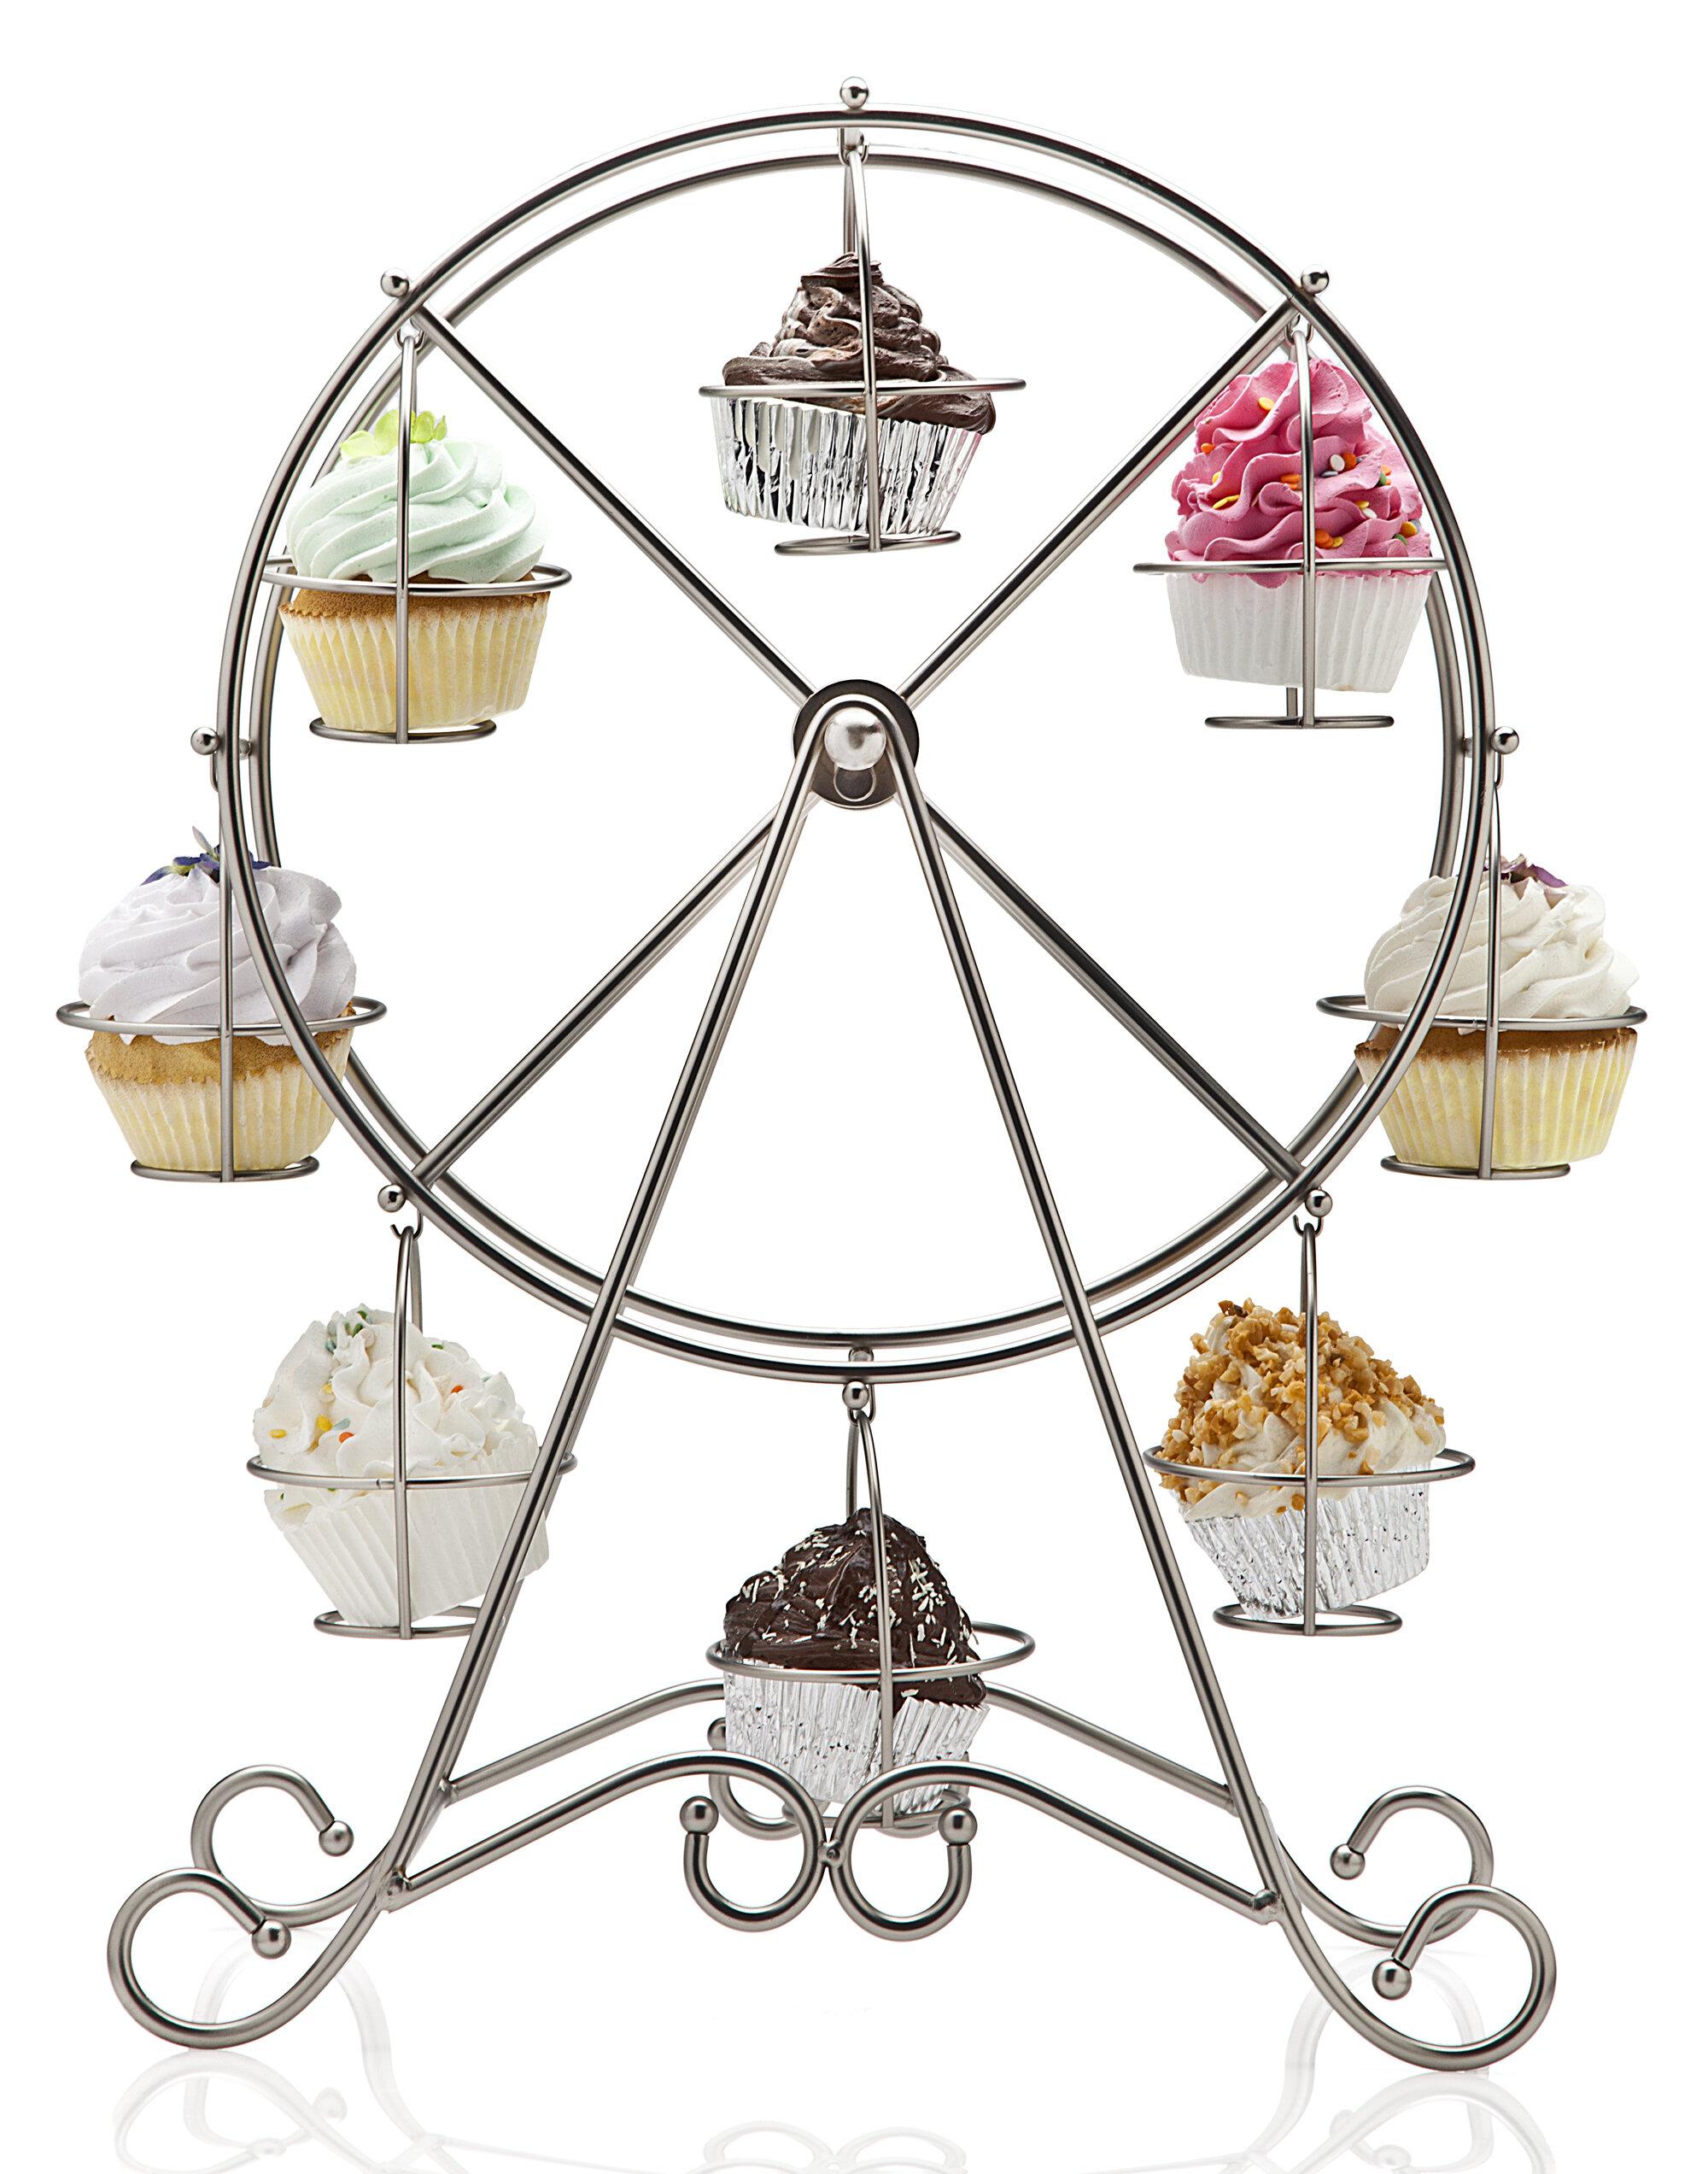 Cake Pedestal As A Kitchen Organizer